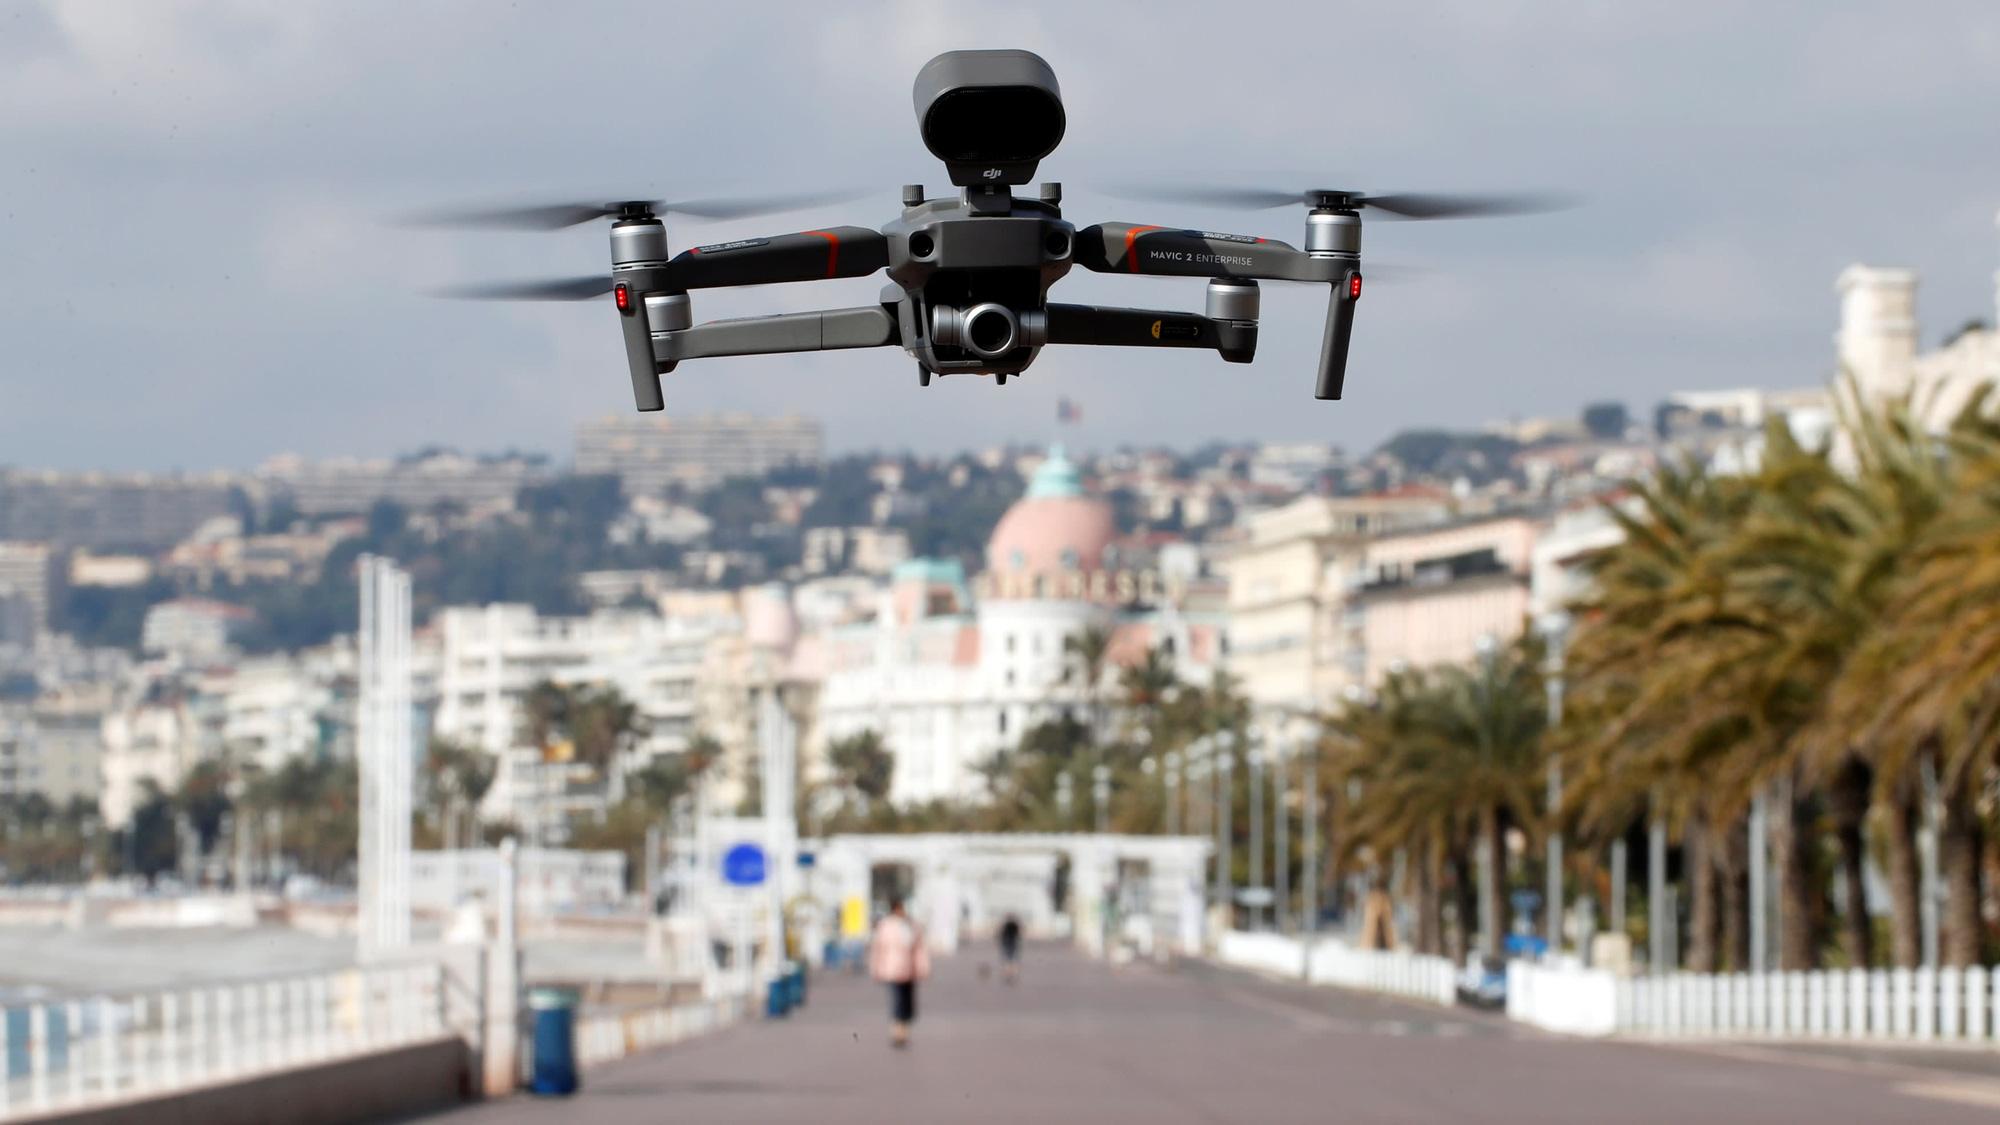 EU sử dụng thiết bị bay không người lái DJI trong nỗ lực giải quyết các vấn đề của dịch Covid-19 - Ảnh 1.